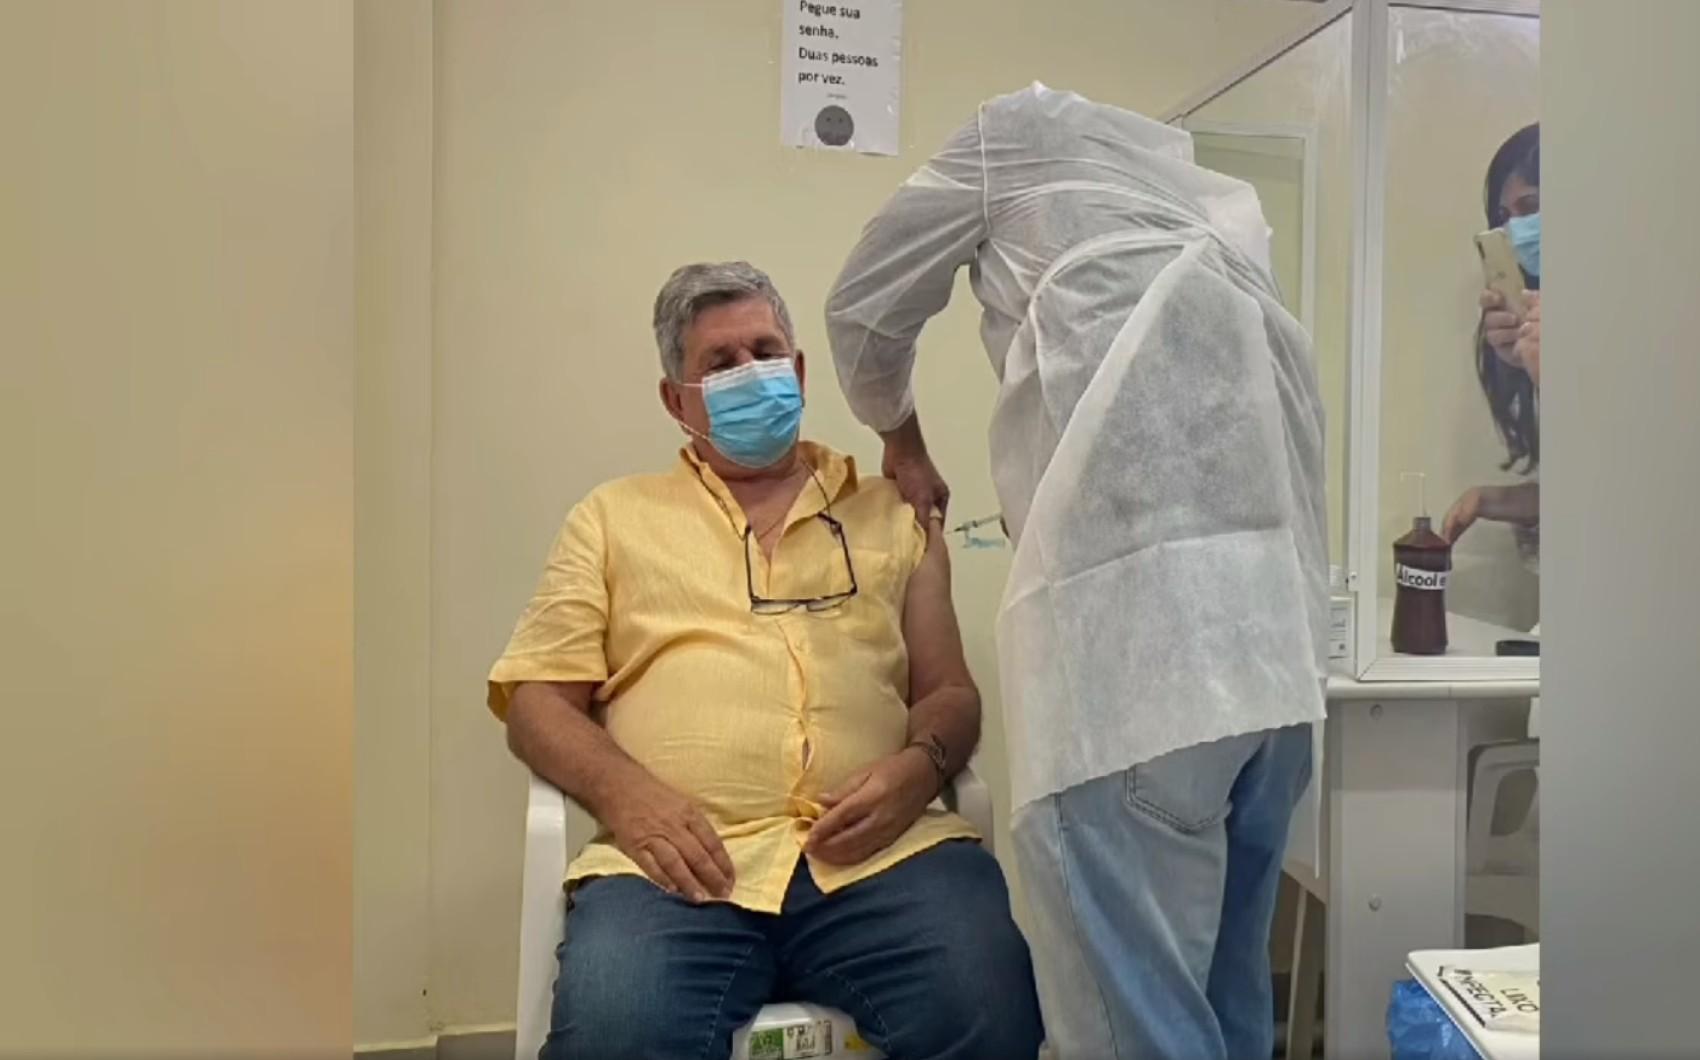 Prefeito que não integra grupo prioritário é vacinado contra Covid-19 em cidade da BA; vigilância alega que ele é servidor da saúde